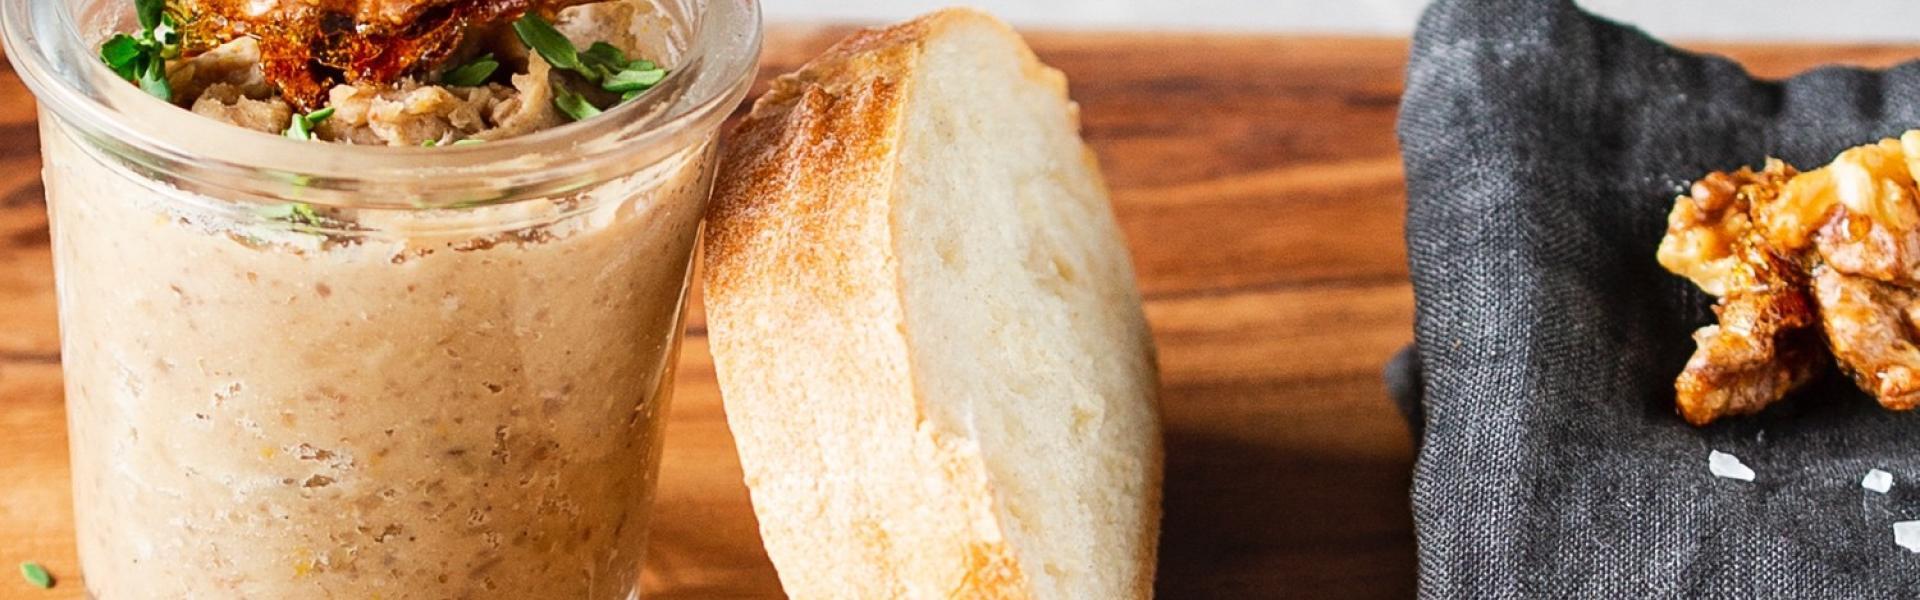 Zwei Gläser Maronencreme und Baguette mit Maronencreme bestrichen.